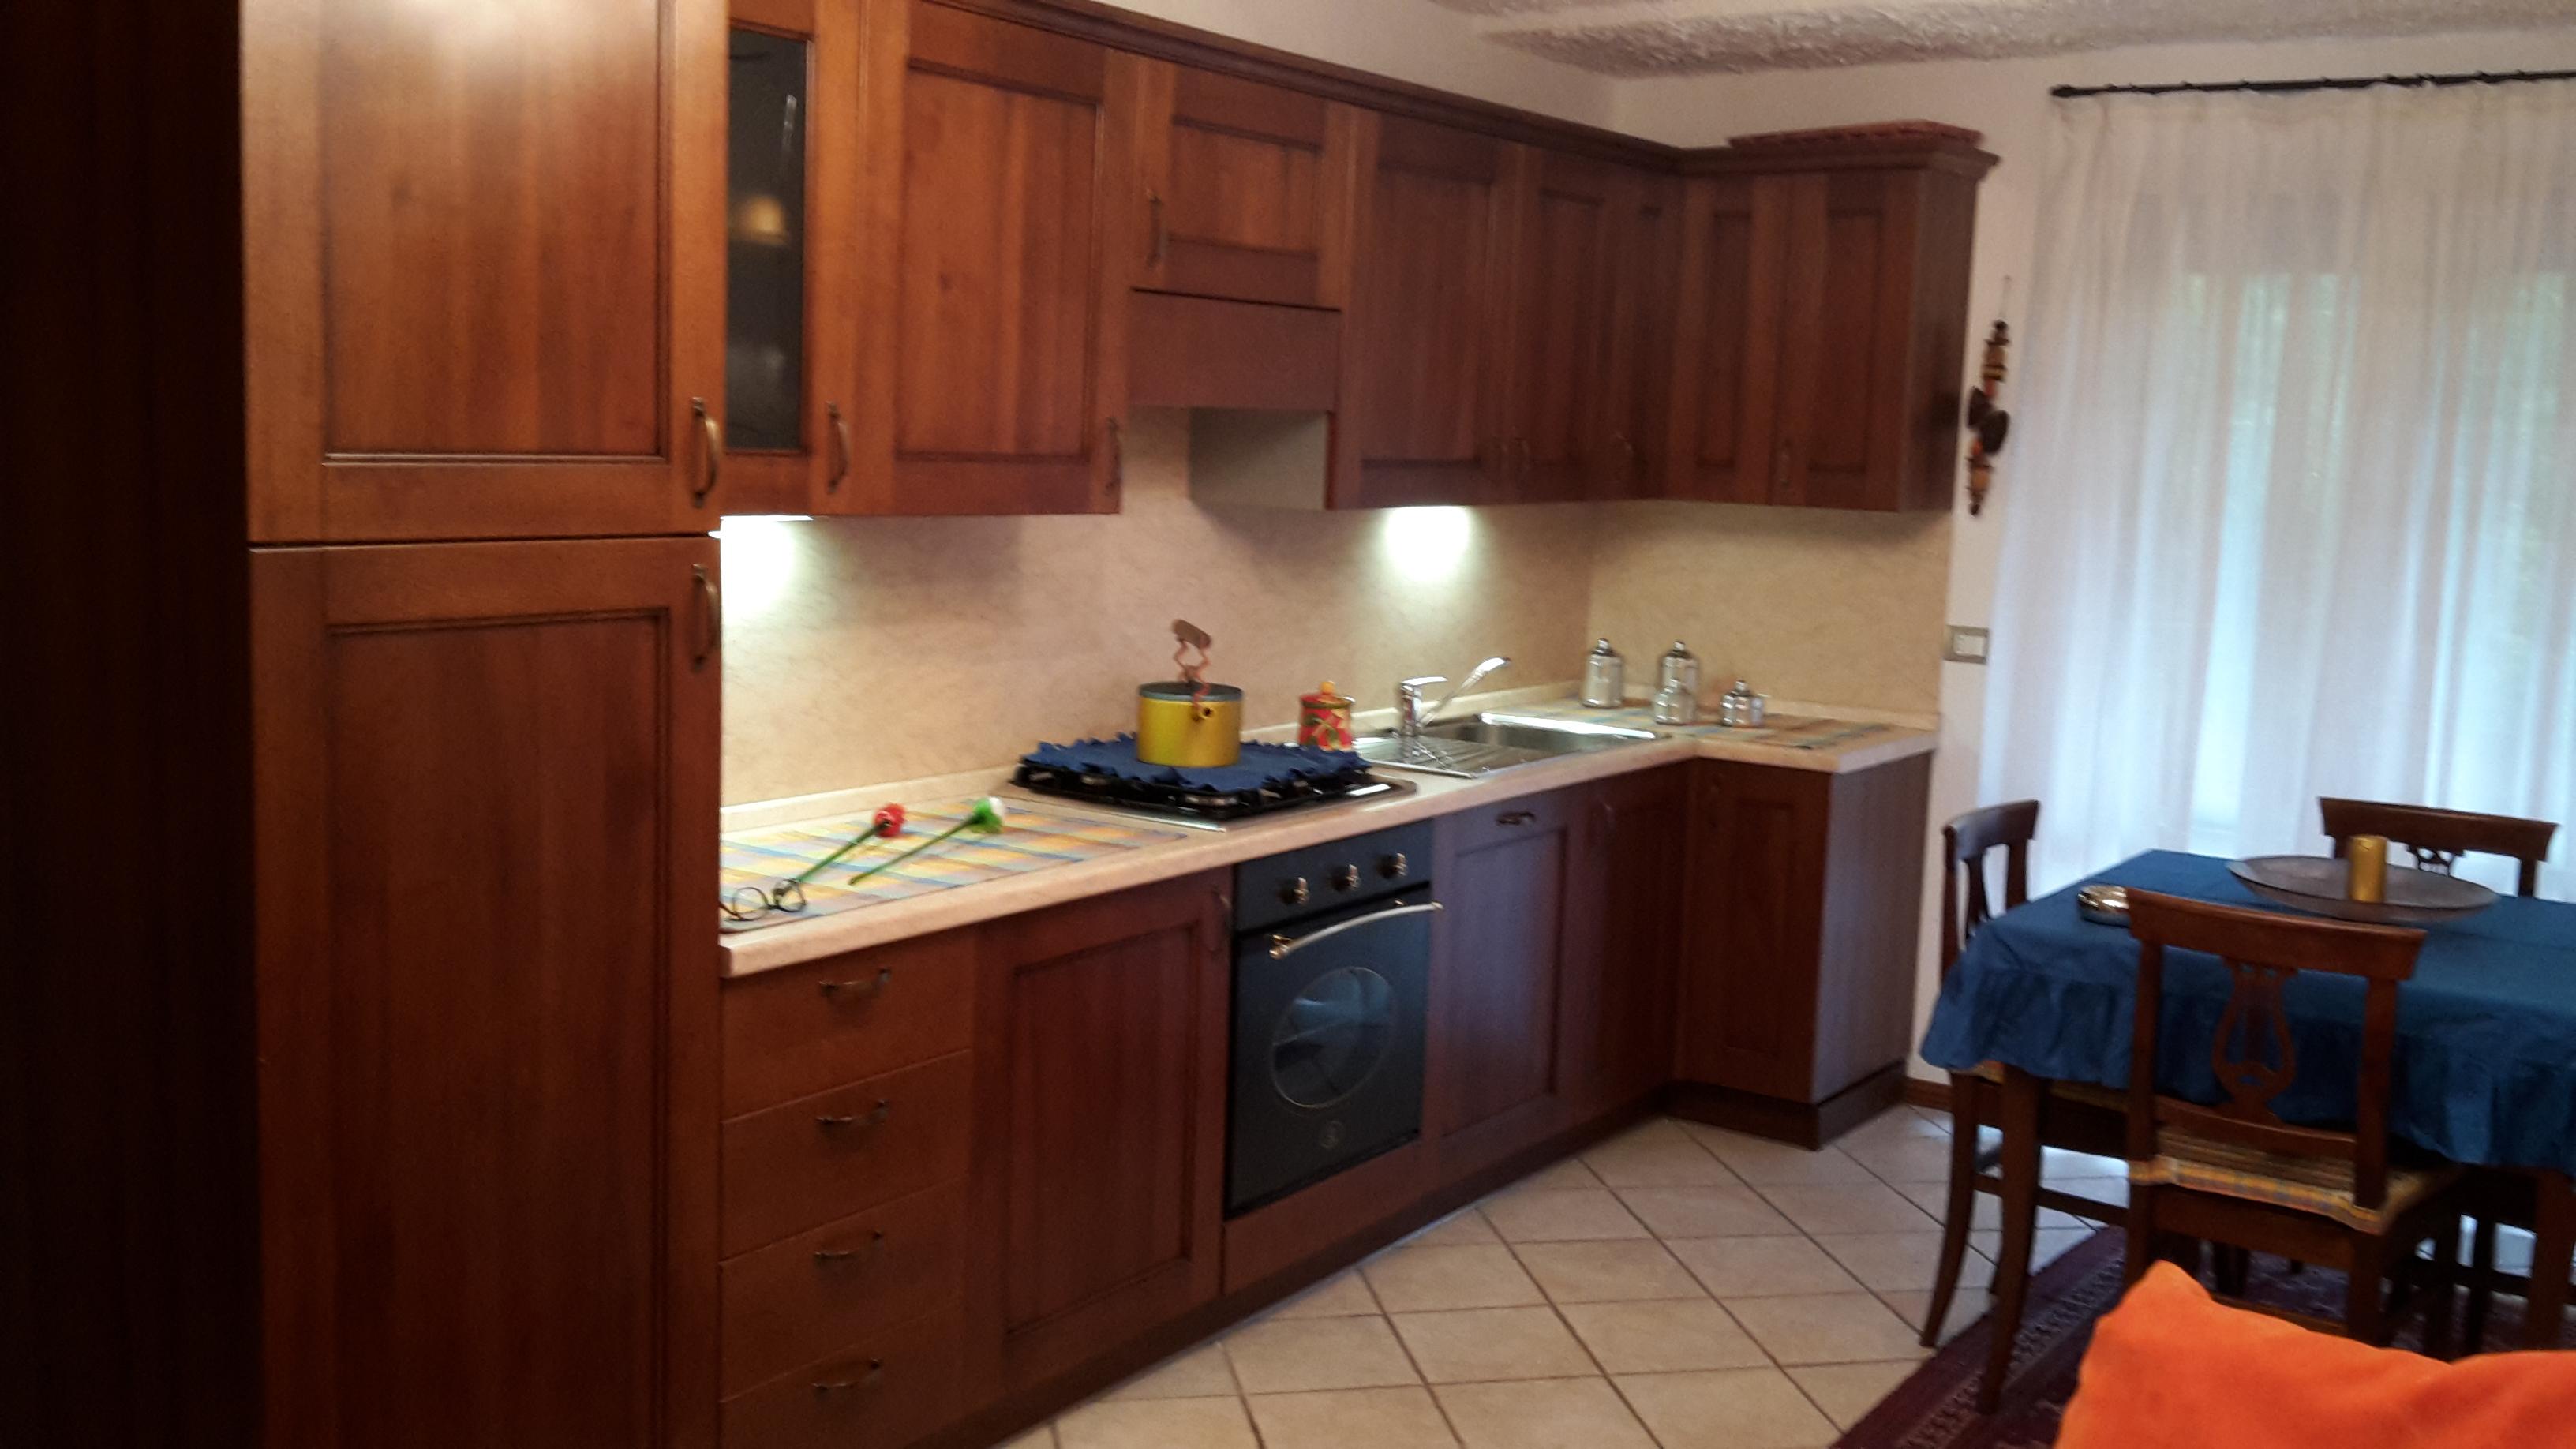 vendita appartamento 3 camere montagna / zona prato nevoso (to ... - Ambiente Unico Cucina Salotto 2